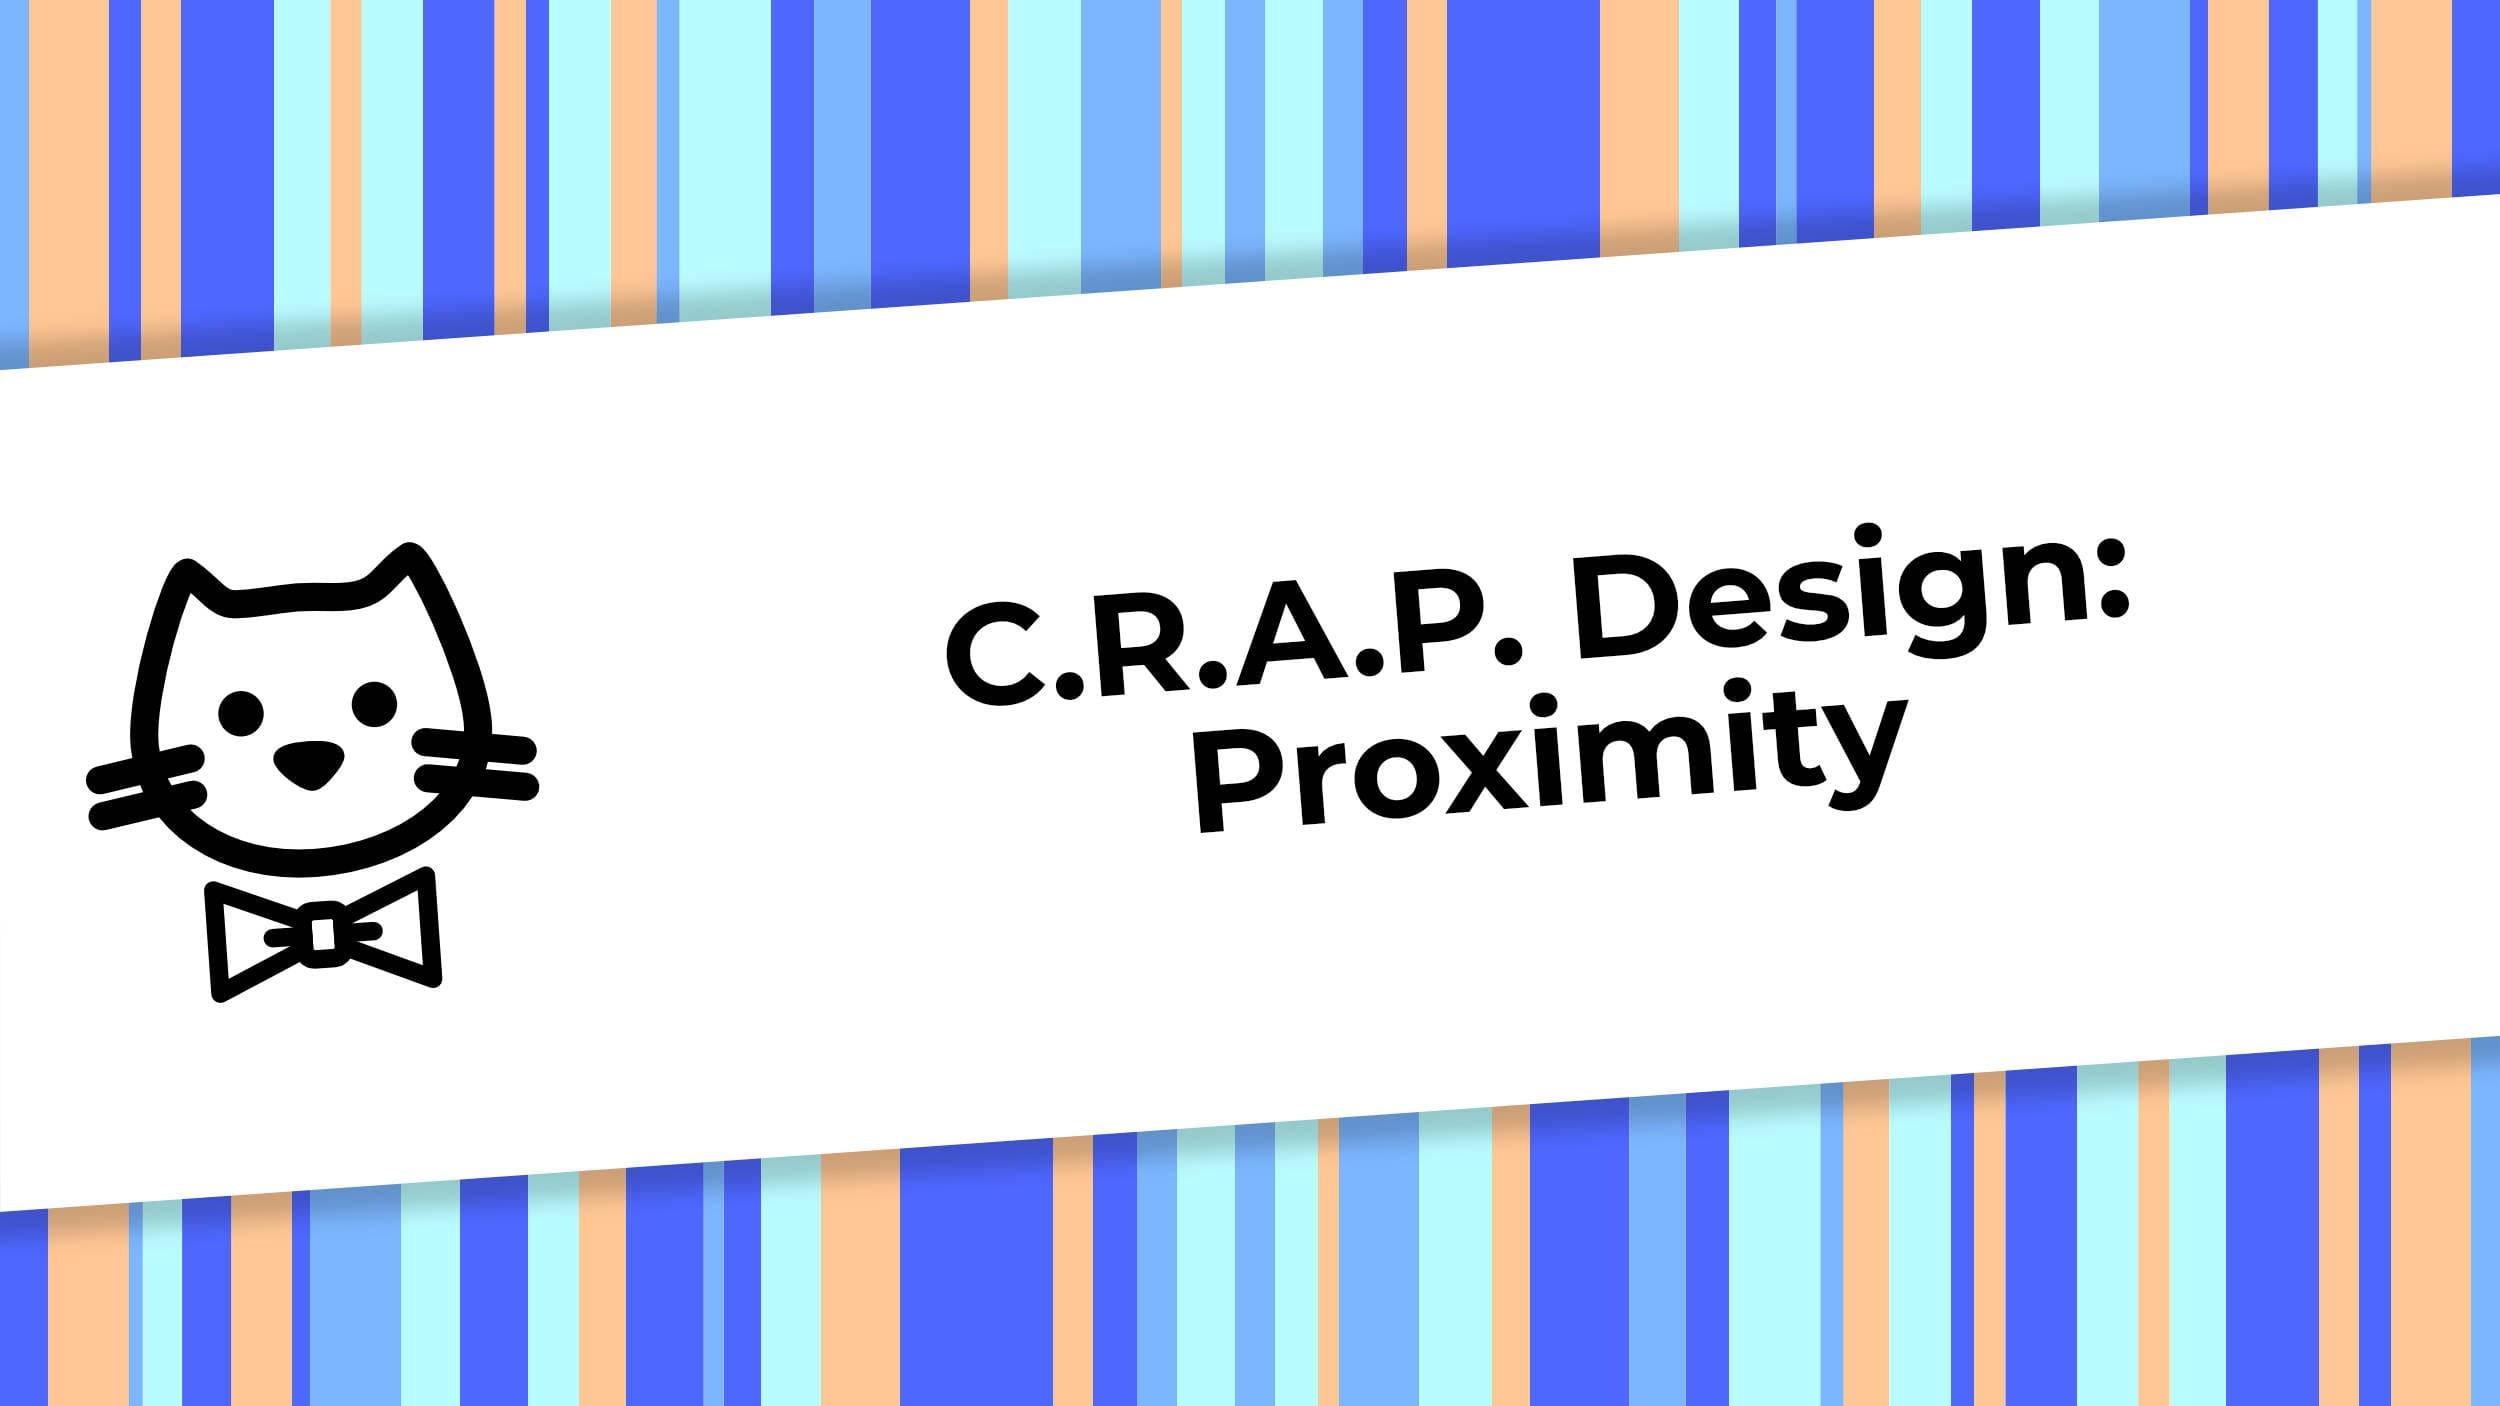 CRAP Design - Proximity.jpg